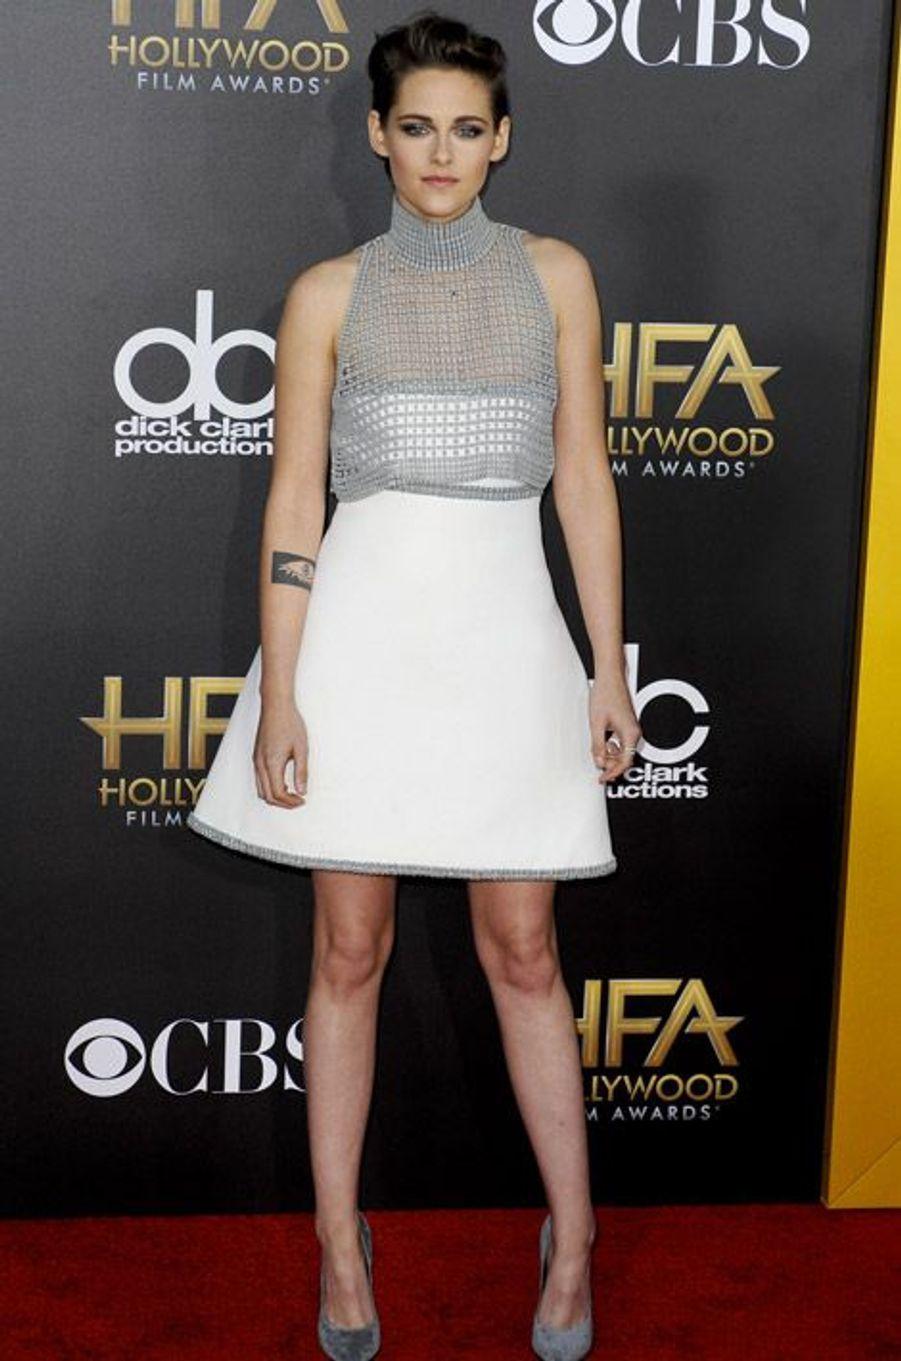 L'actrice Kristen Stewart en Chanel Couture lors de la cérémonie Hollywood film Awards, à Los Angeles le 15 novembre 2014